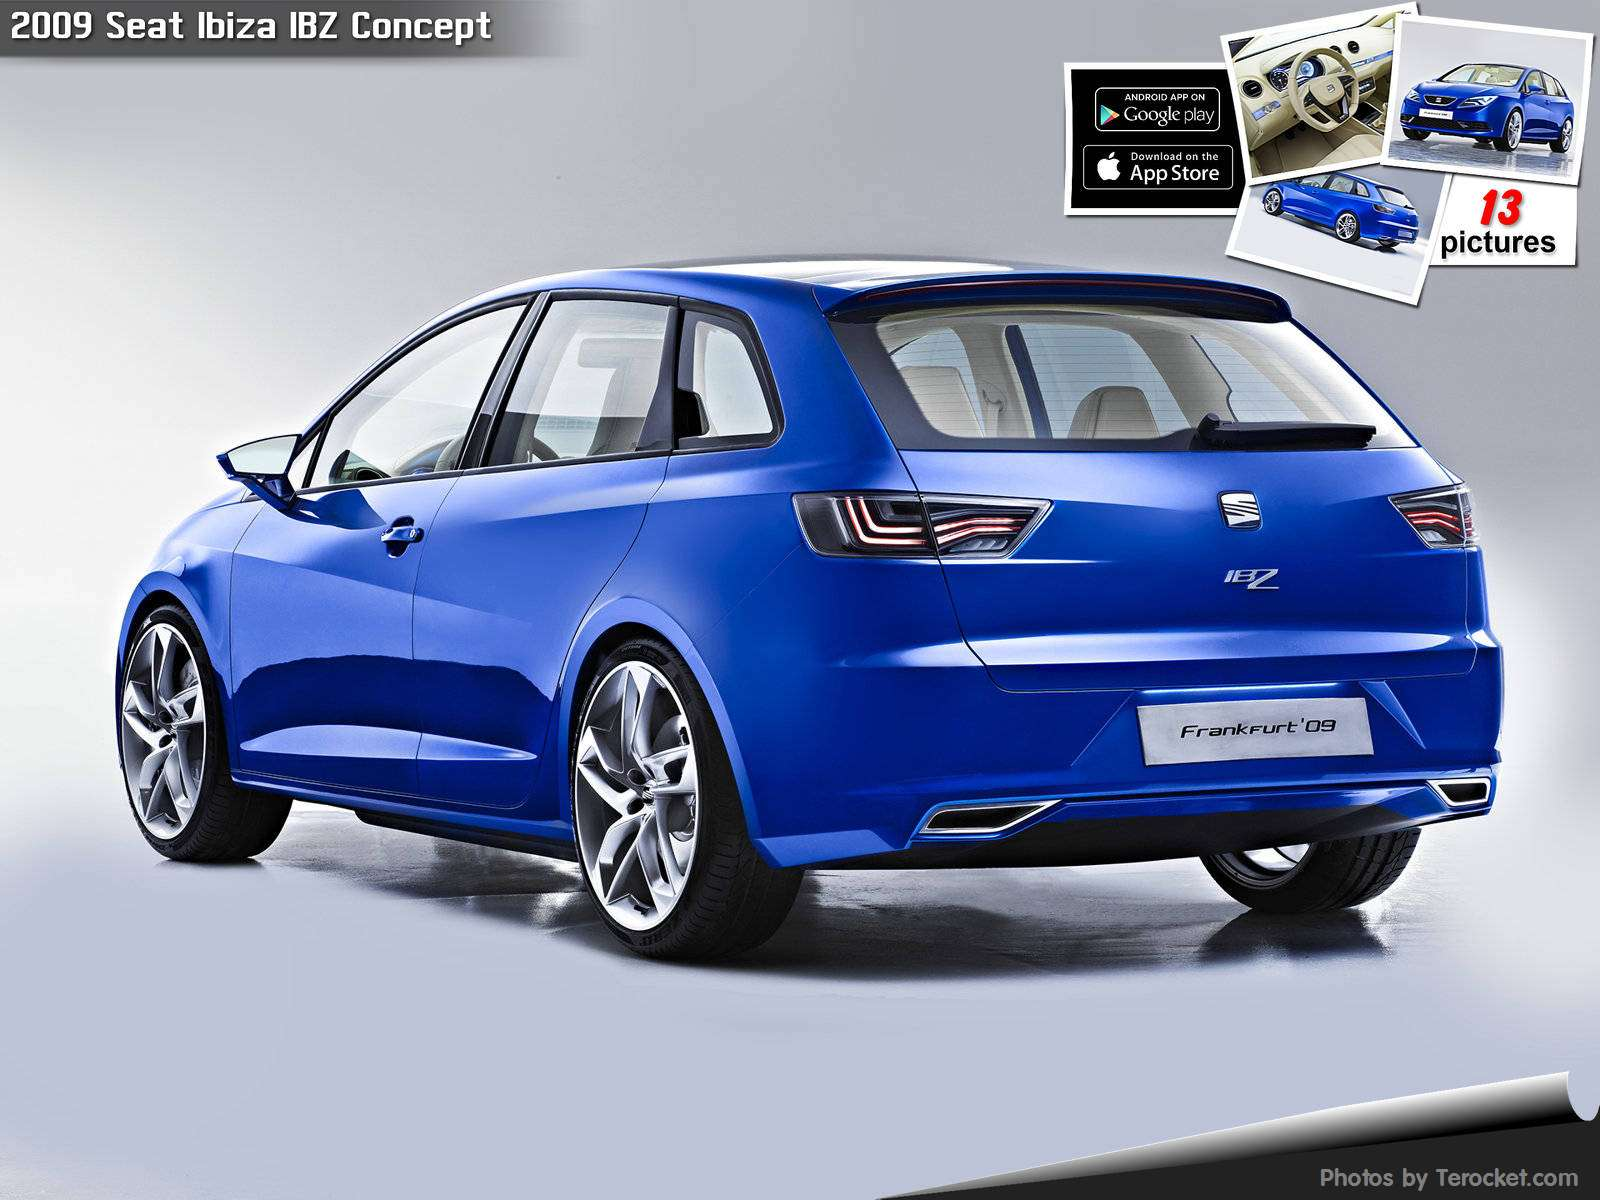 Hình ảnh xe ô tô Seat Ibiza IBZ Concept 2009 & nội ngoại thất